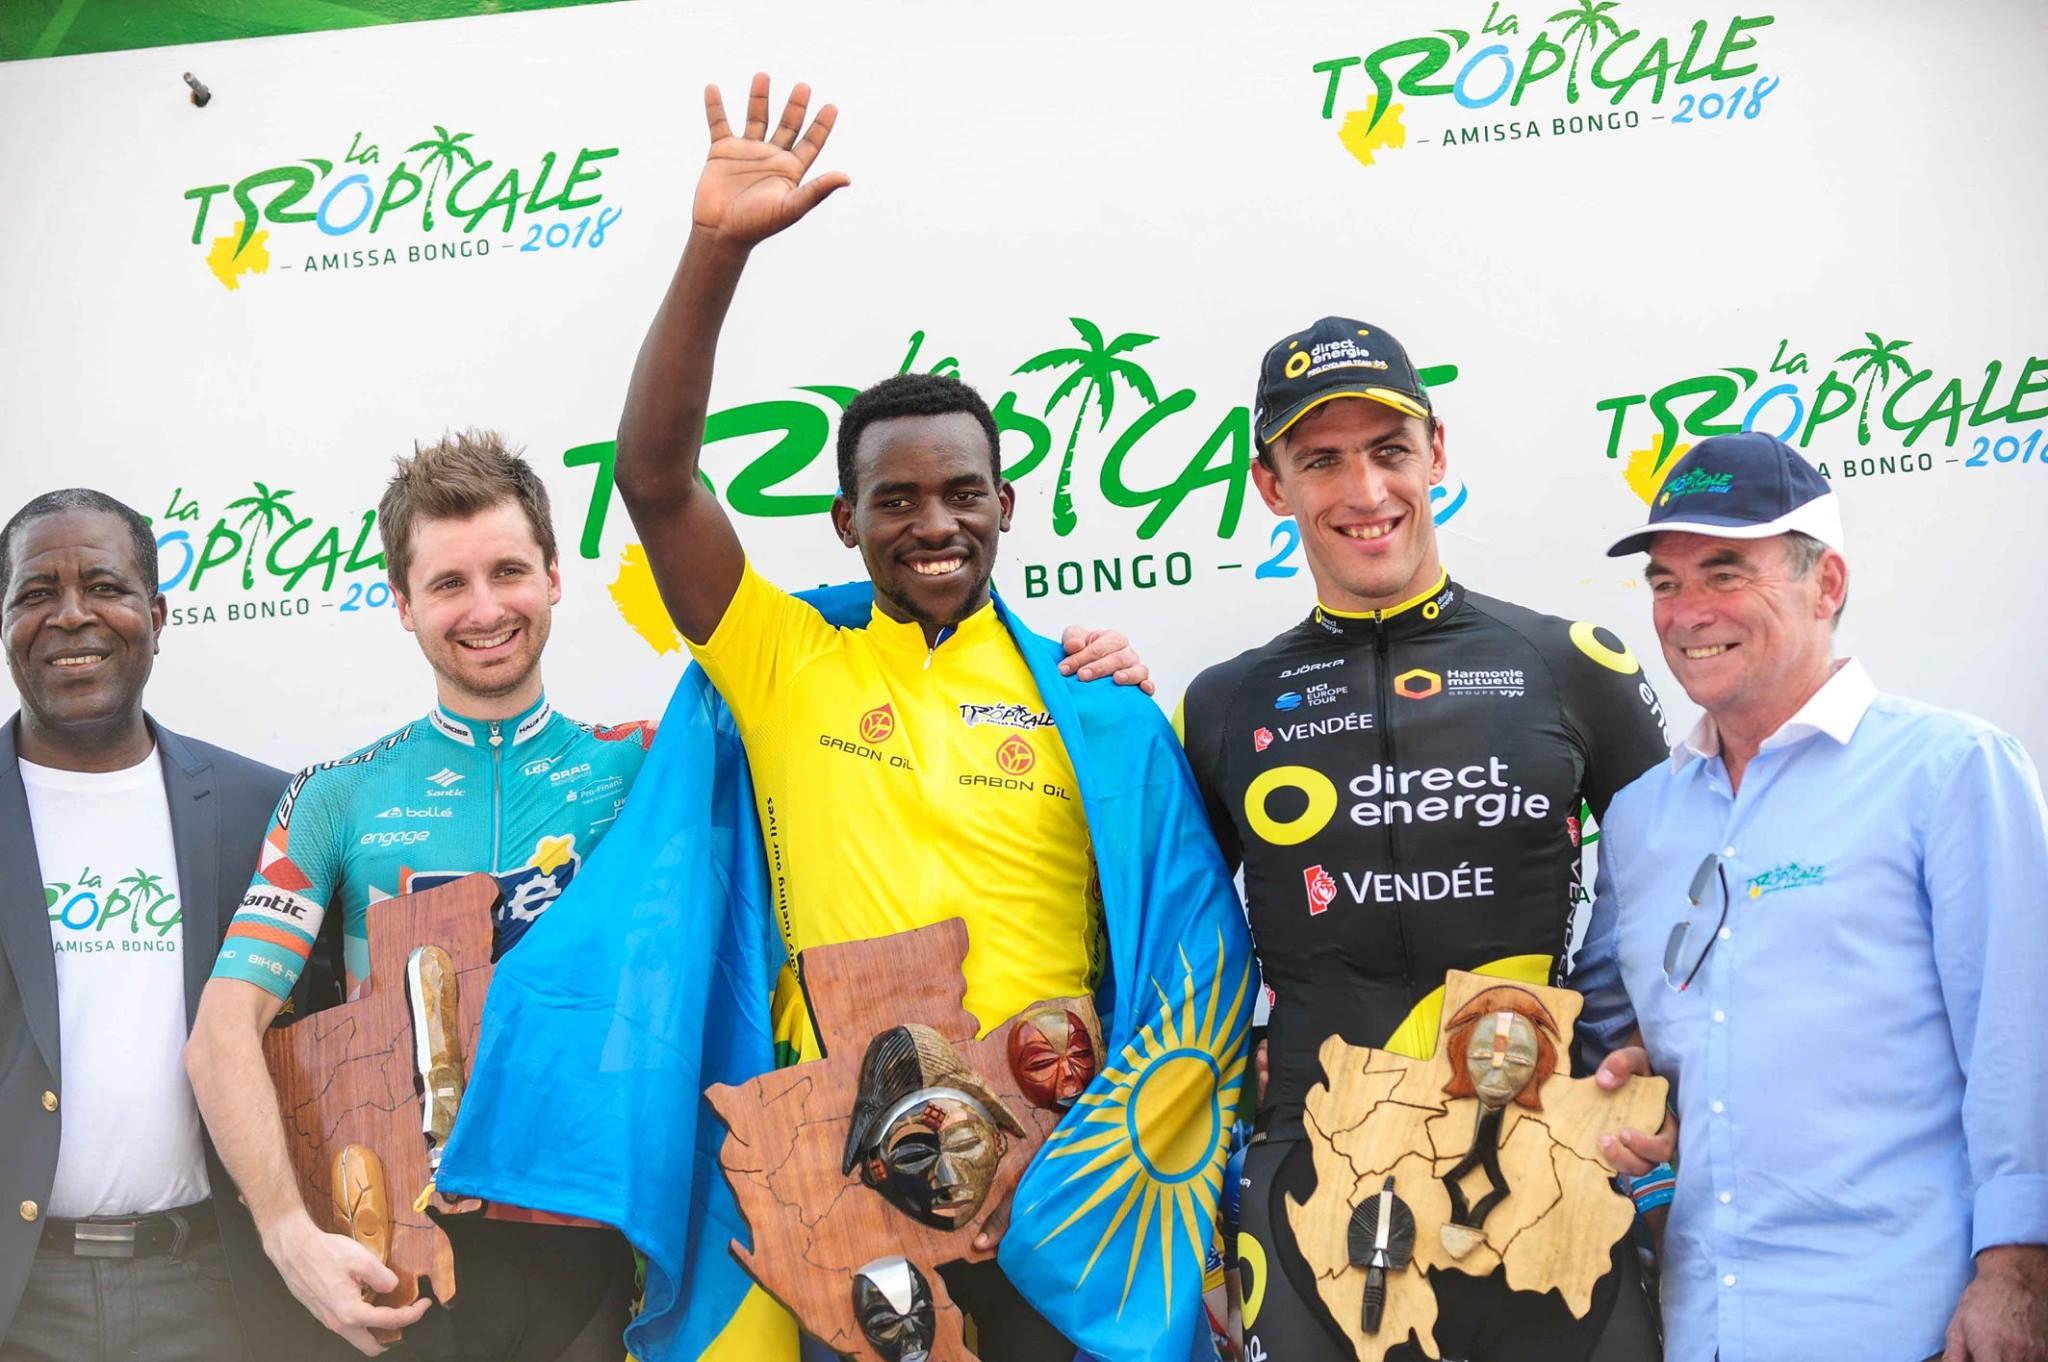 Джозеф Ареруя выиграл велогонку La Tropicale Amissa Bongo